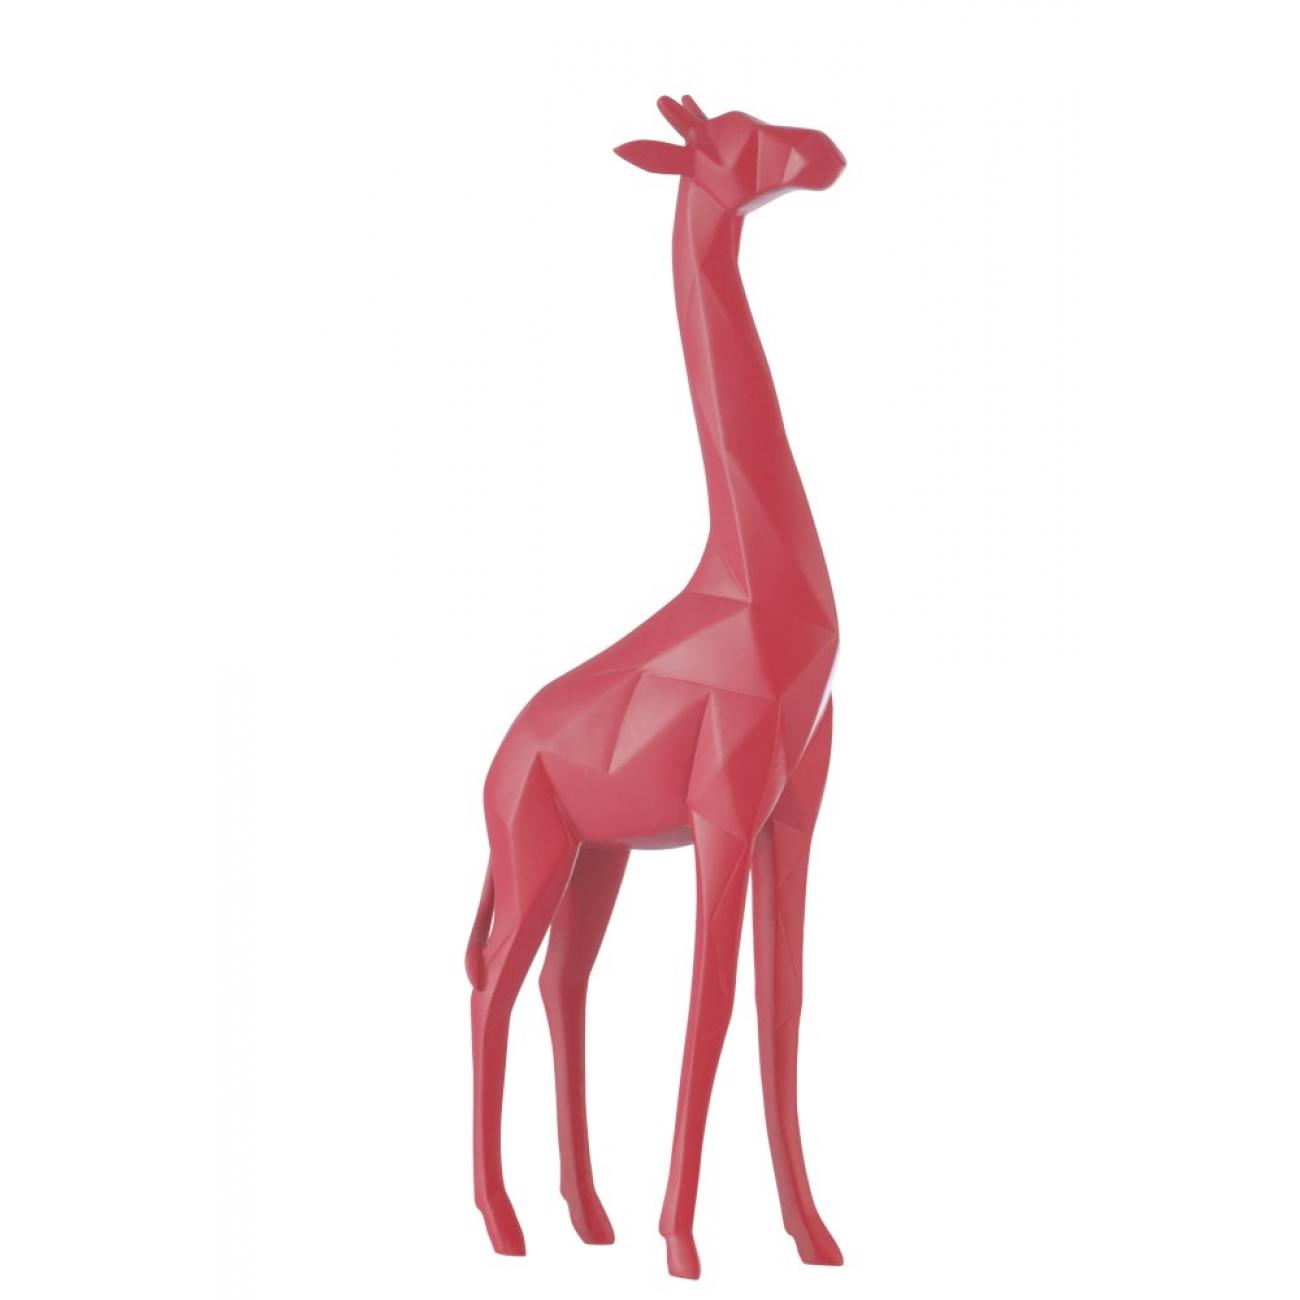 Статуэтка жираф J-LINE розового цвета высота 39 см